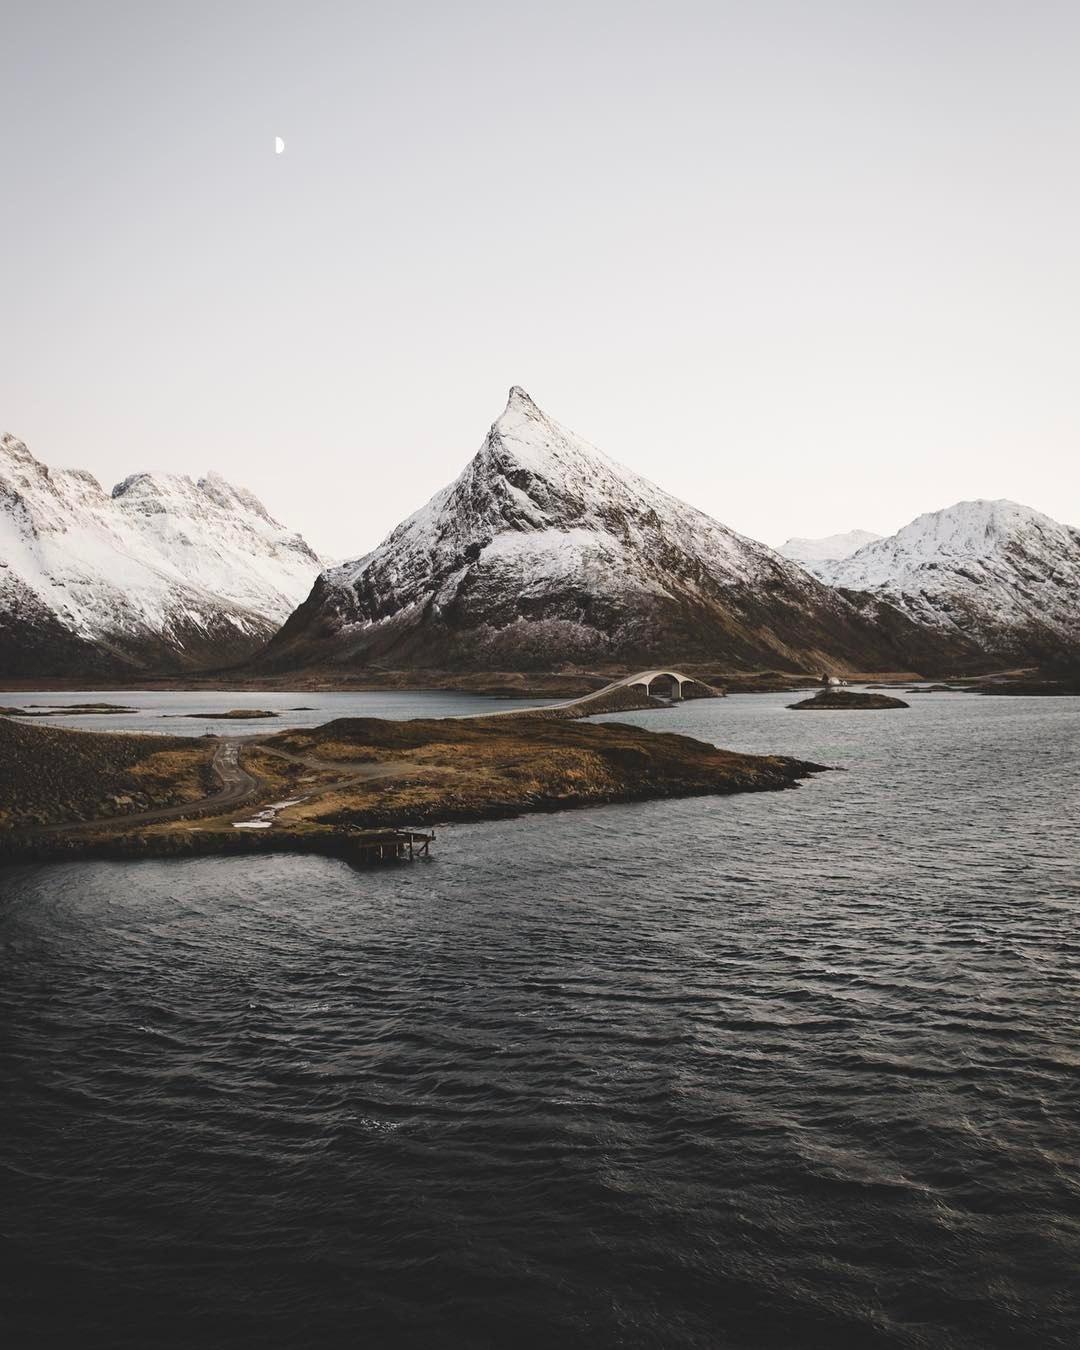 jzgDOhz3OXU - Норвегия - страна холодной красоты